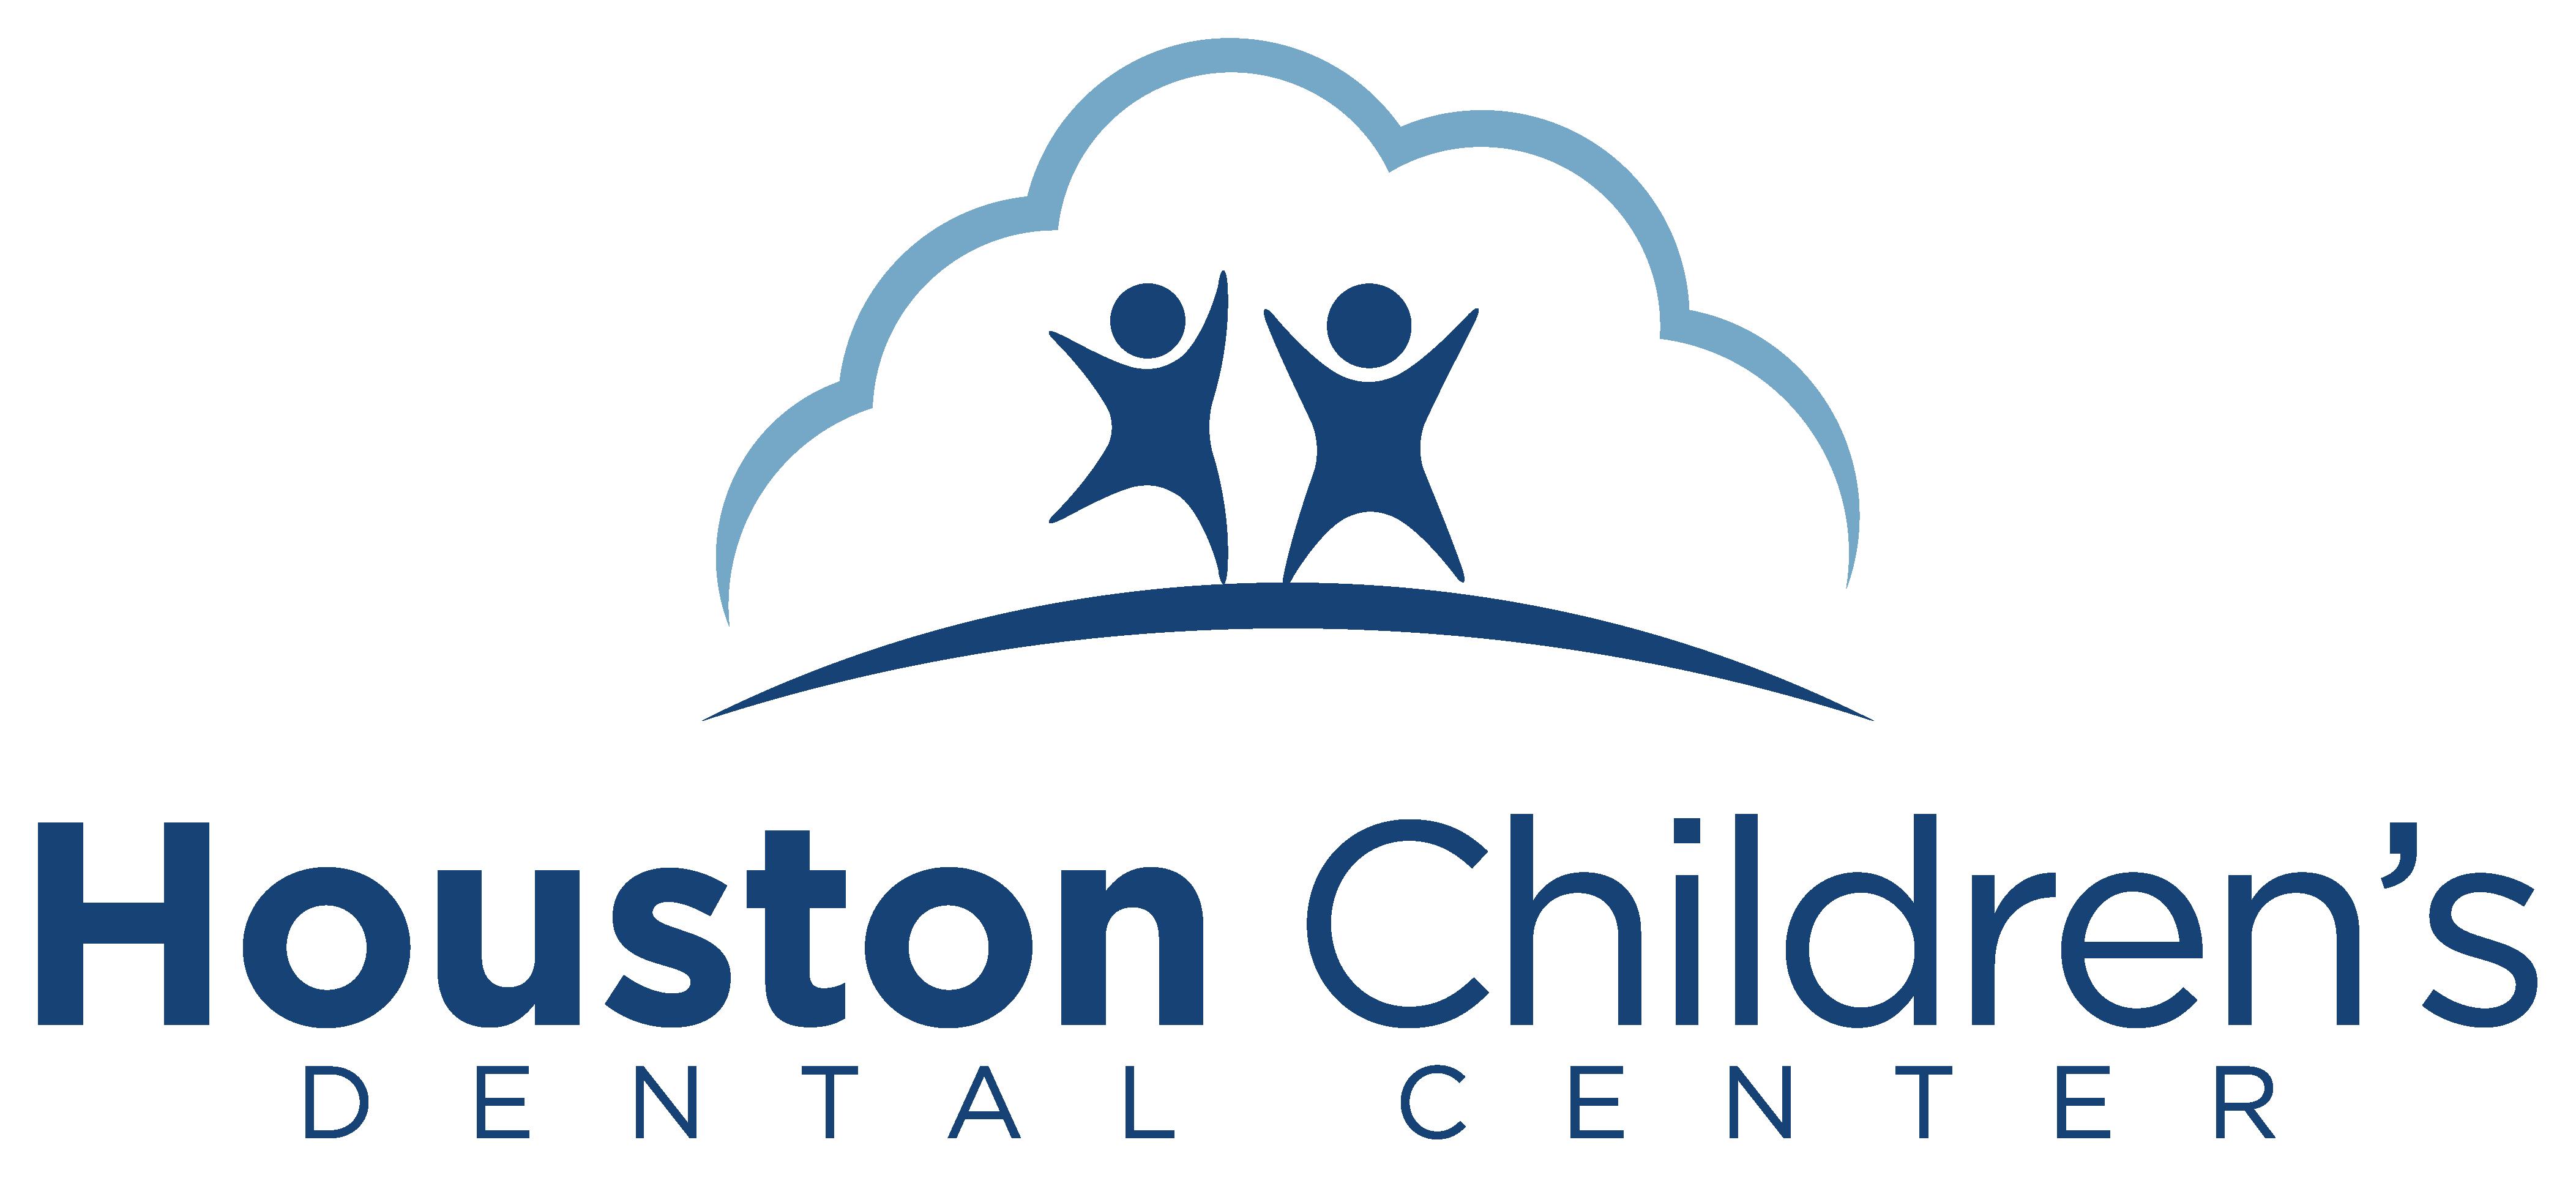 Houston Children's Dental Center